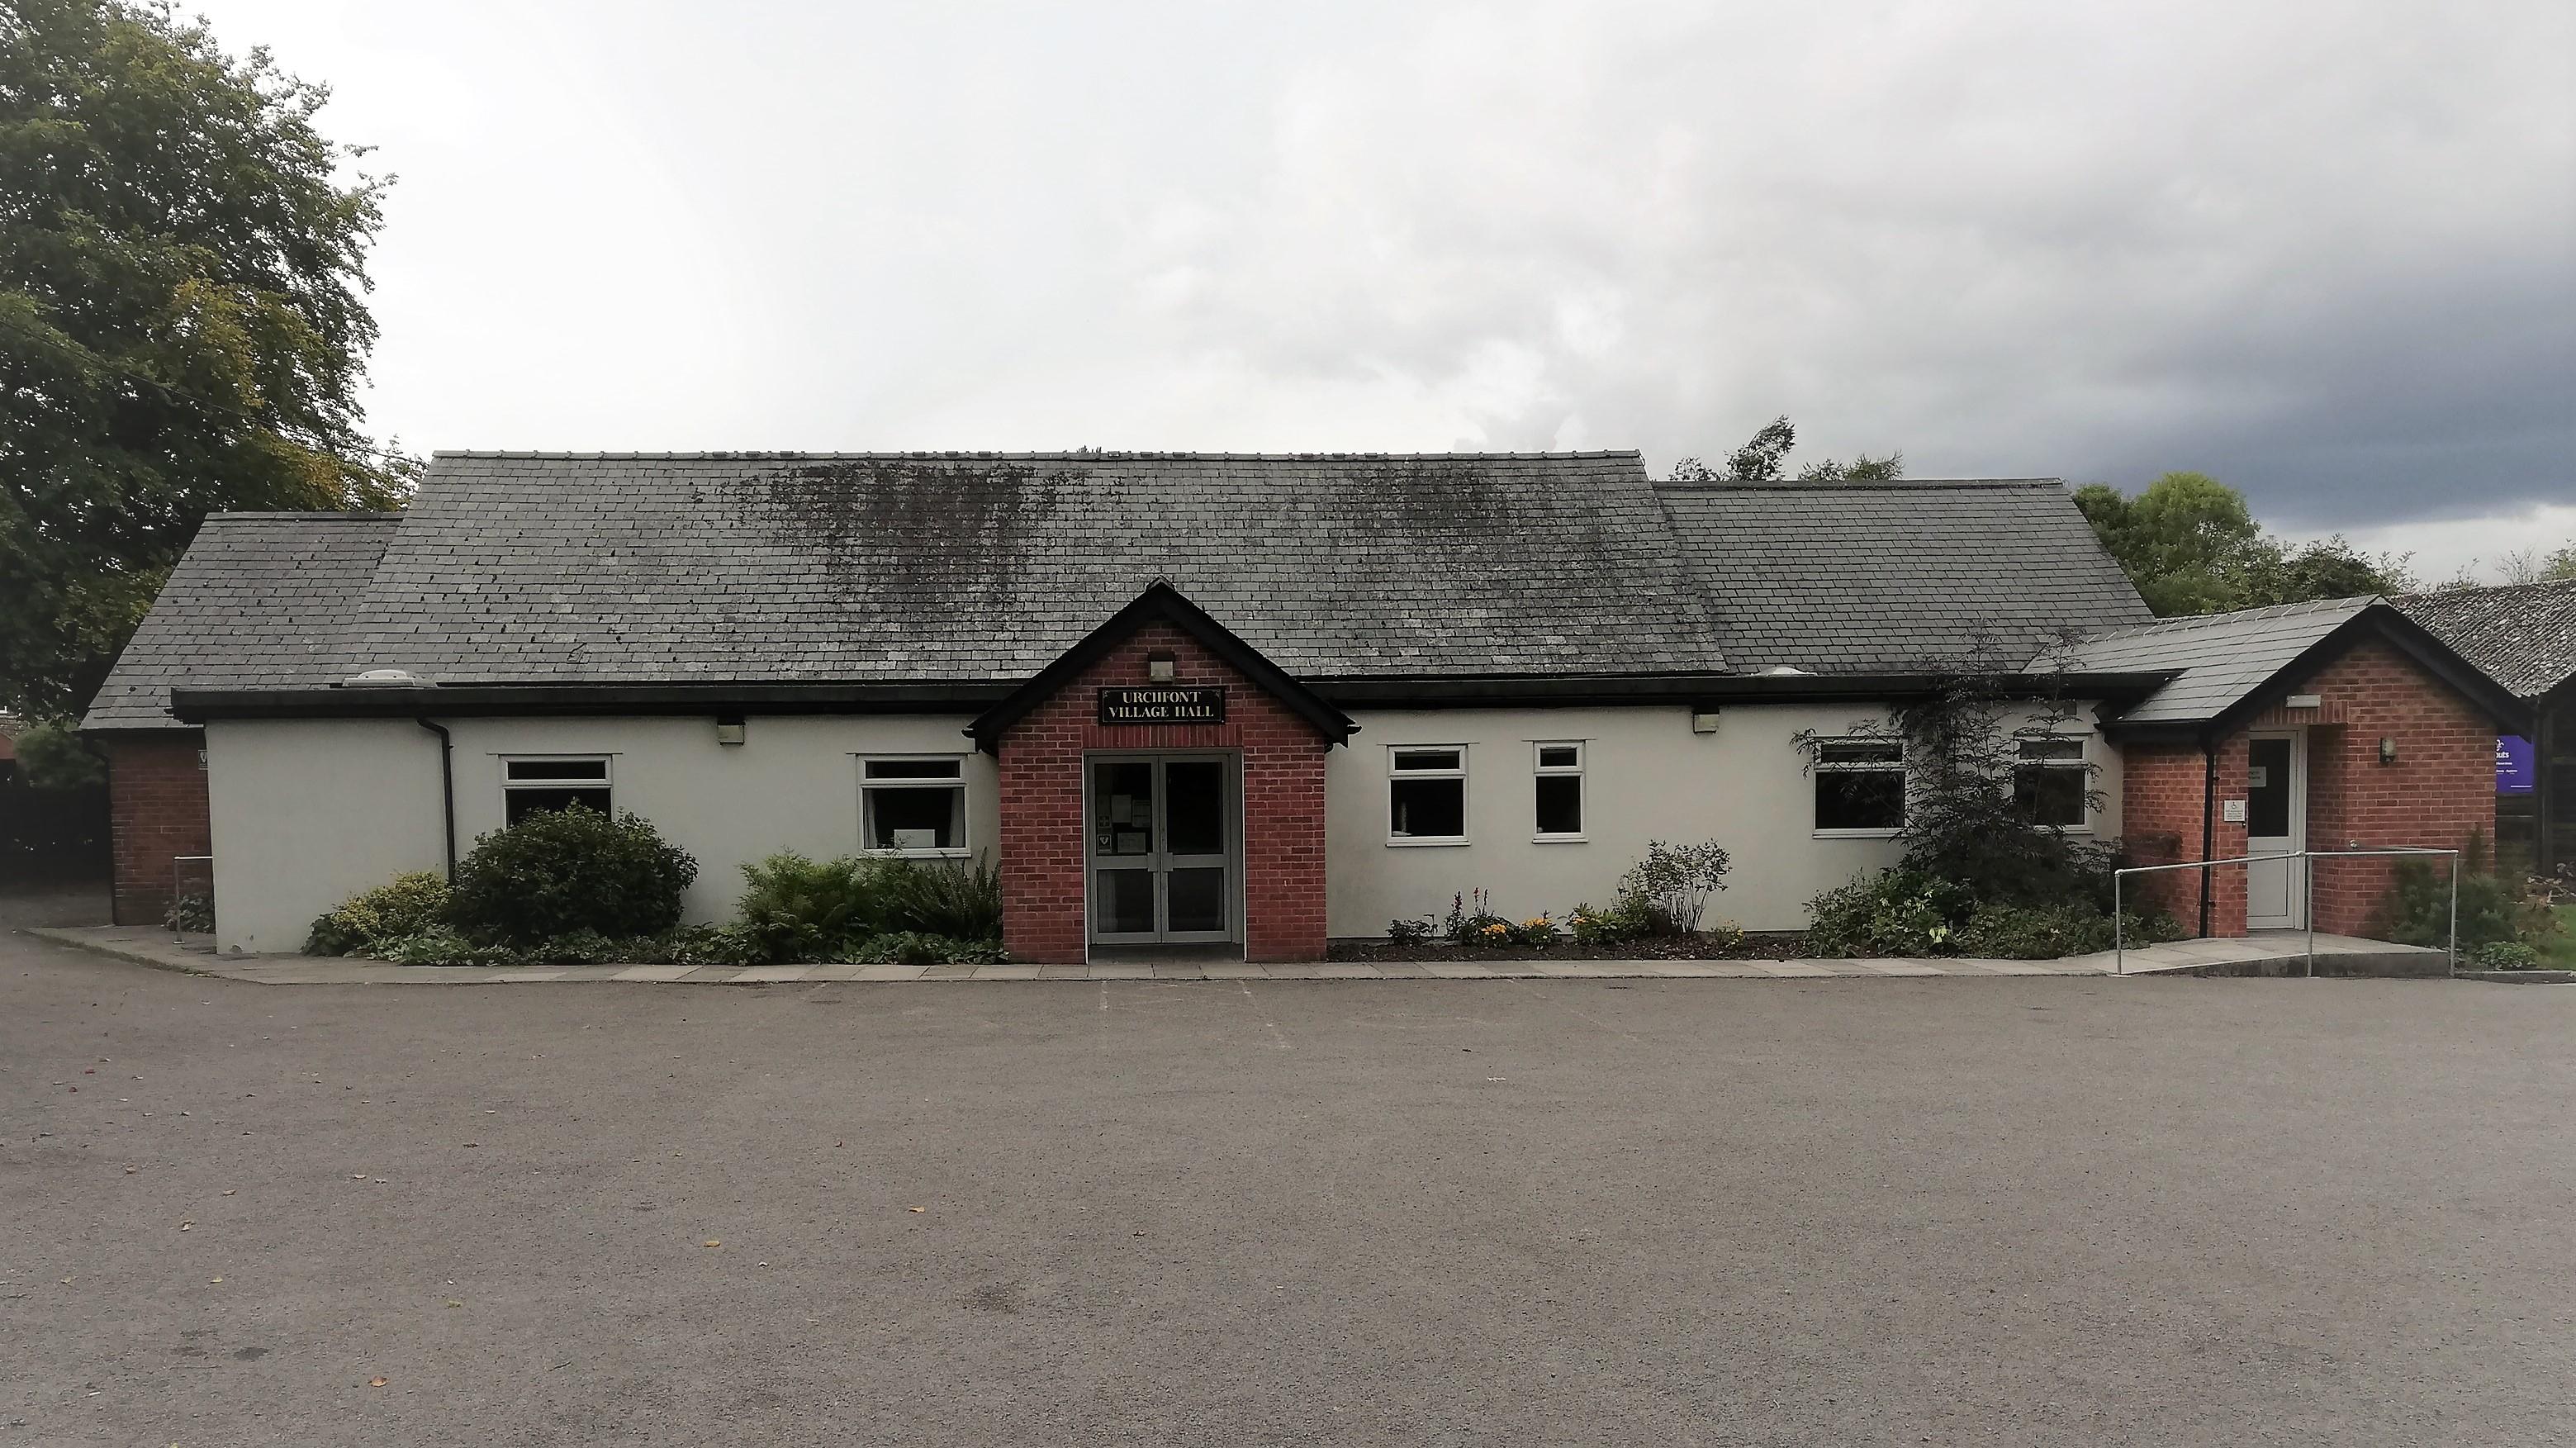 Urchfont Village Hall